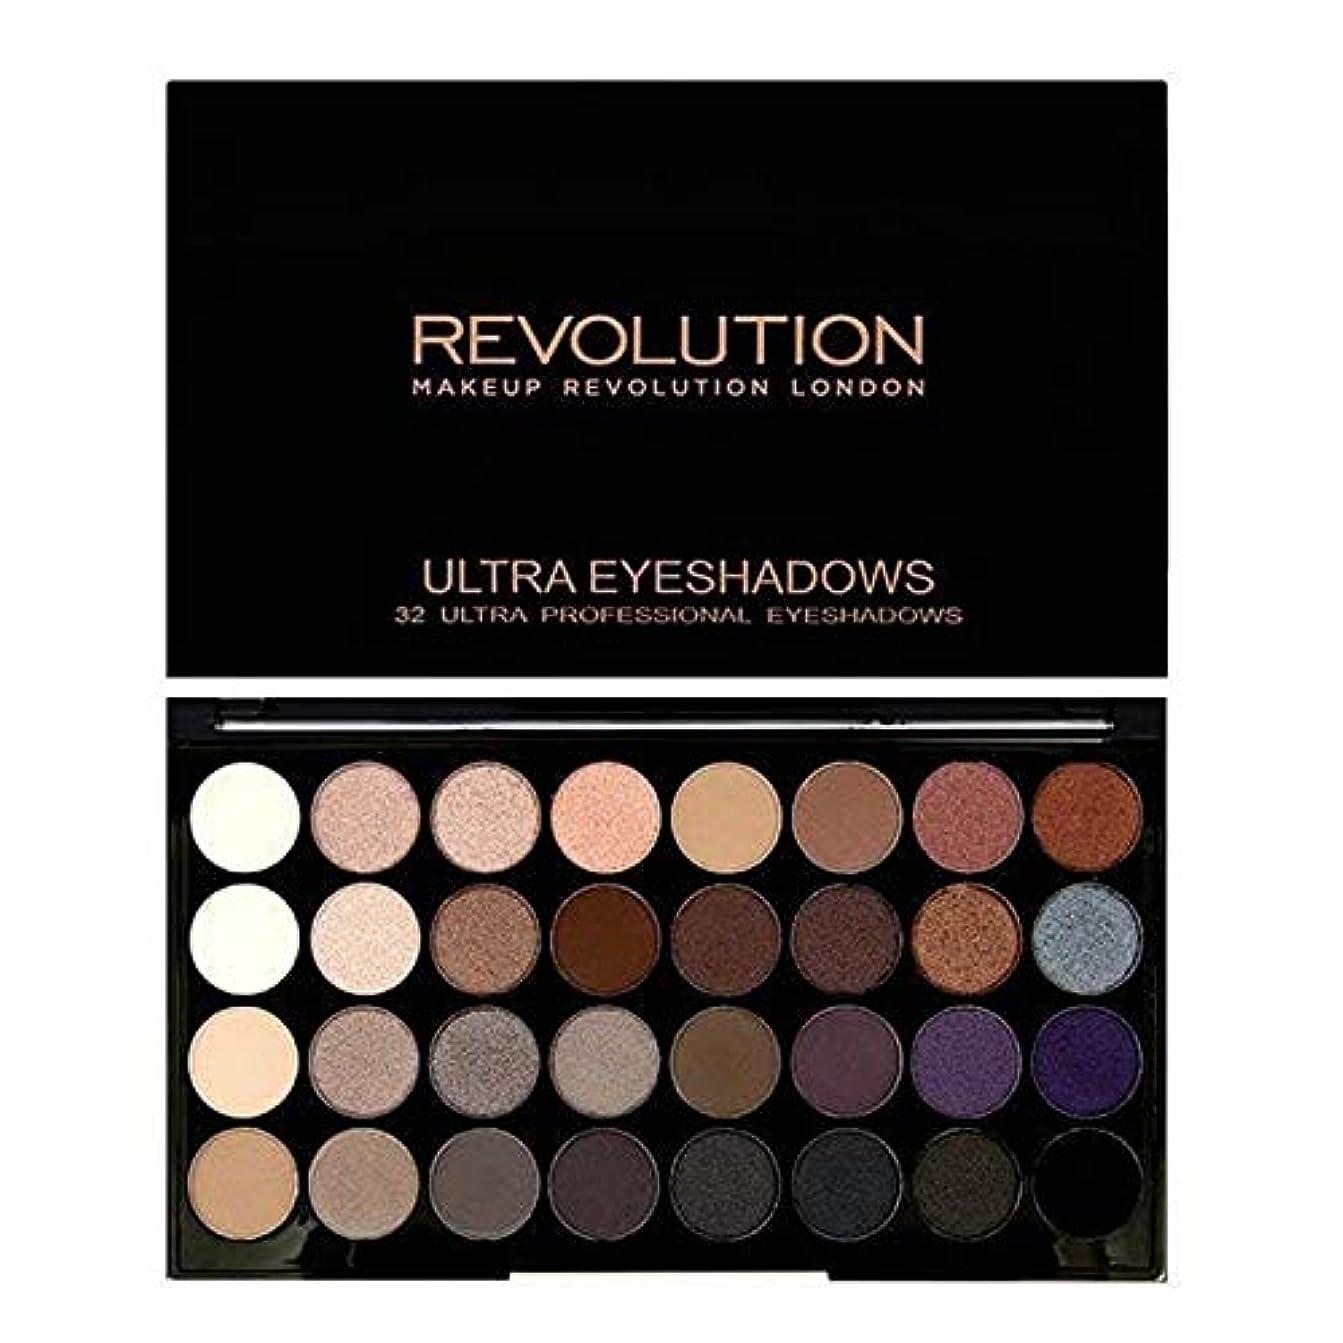 好奇心盛サラダトレイル[Revolution ] 革命32アイシャドウパレット肯定 - Revolution 32 Eye Shadow Palette Affirmation [並行輸入品]